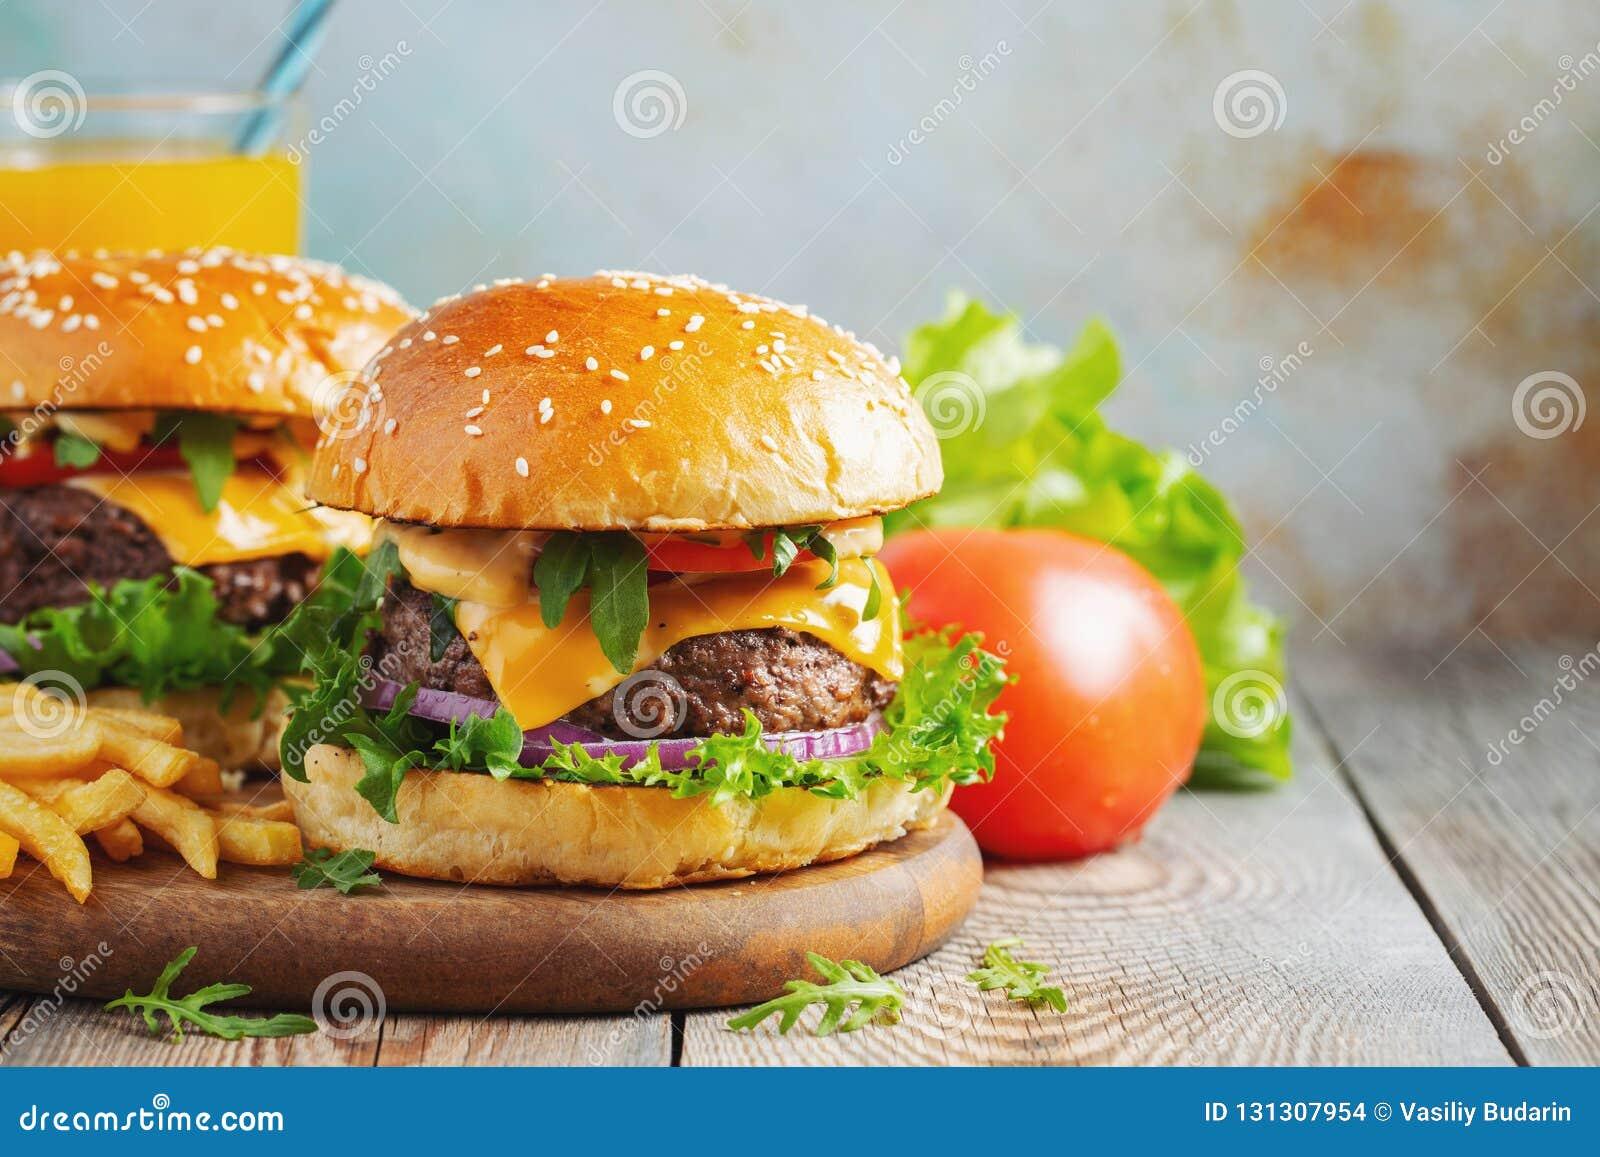 两个新鲜的自创汉堡用油煎的土豆和橙汁过去在一张木桌上 复制空间